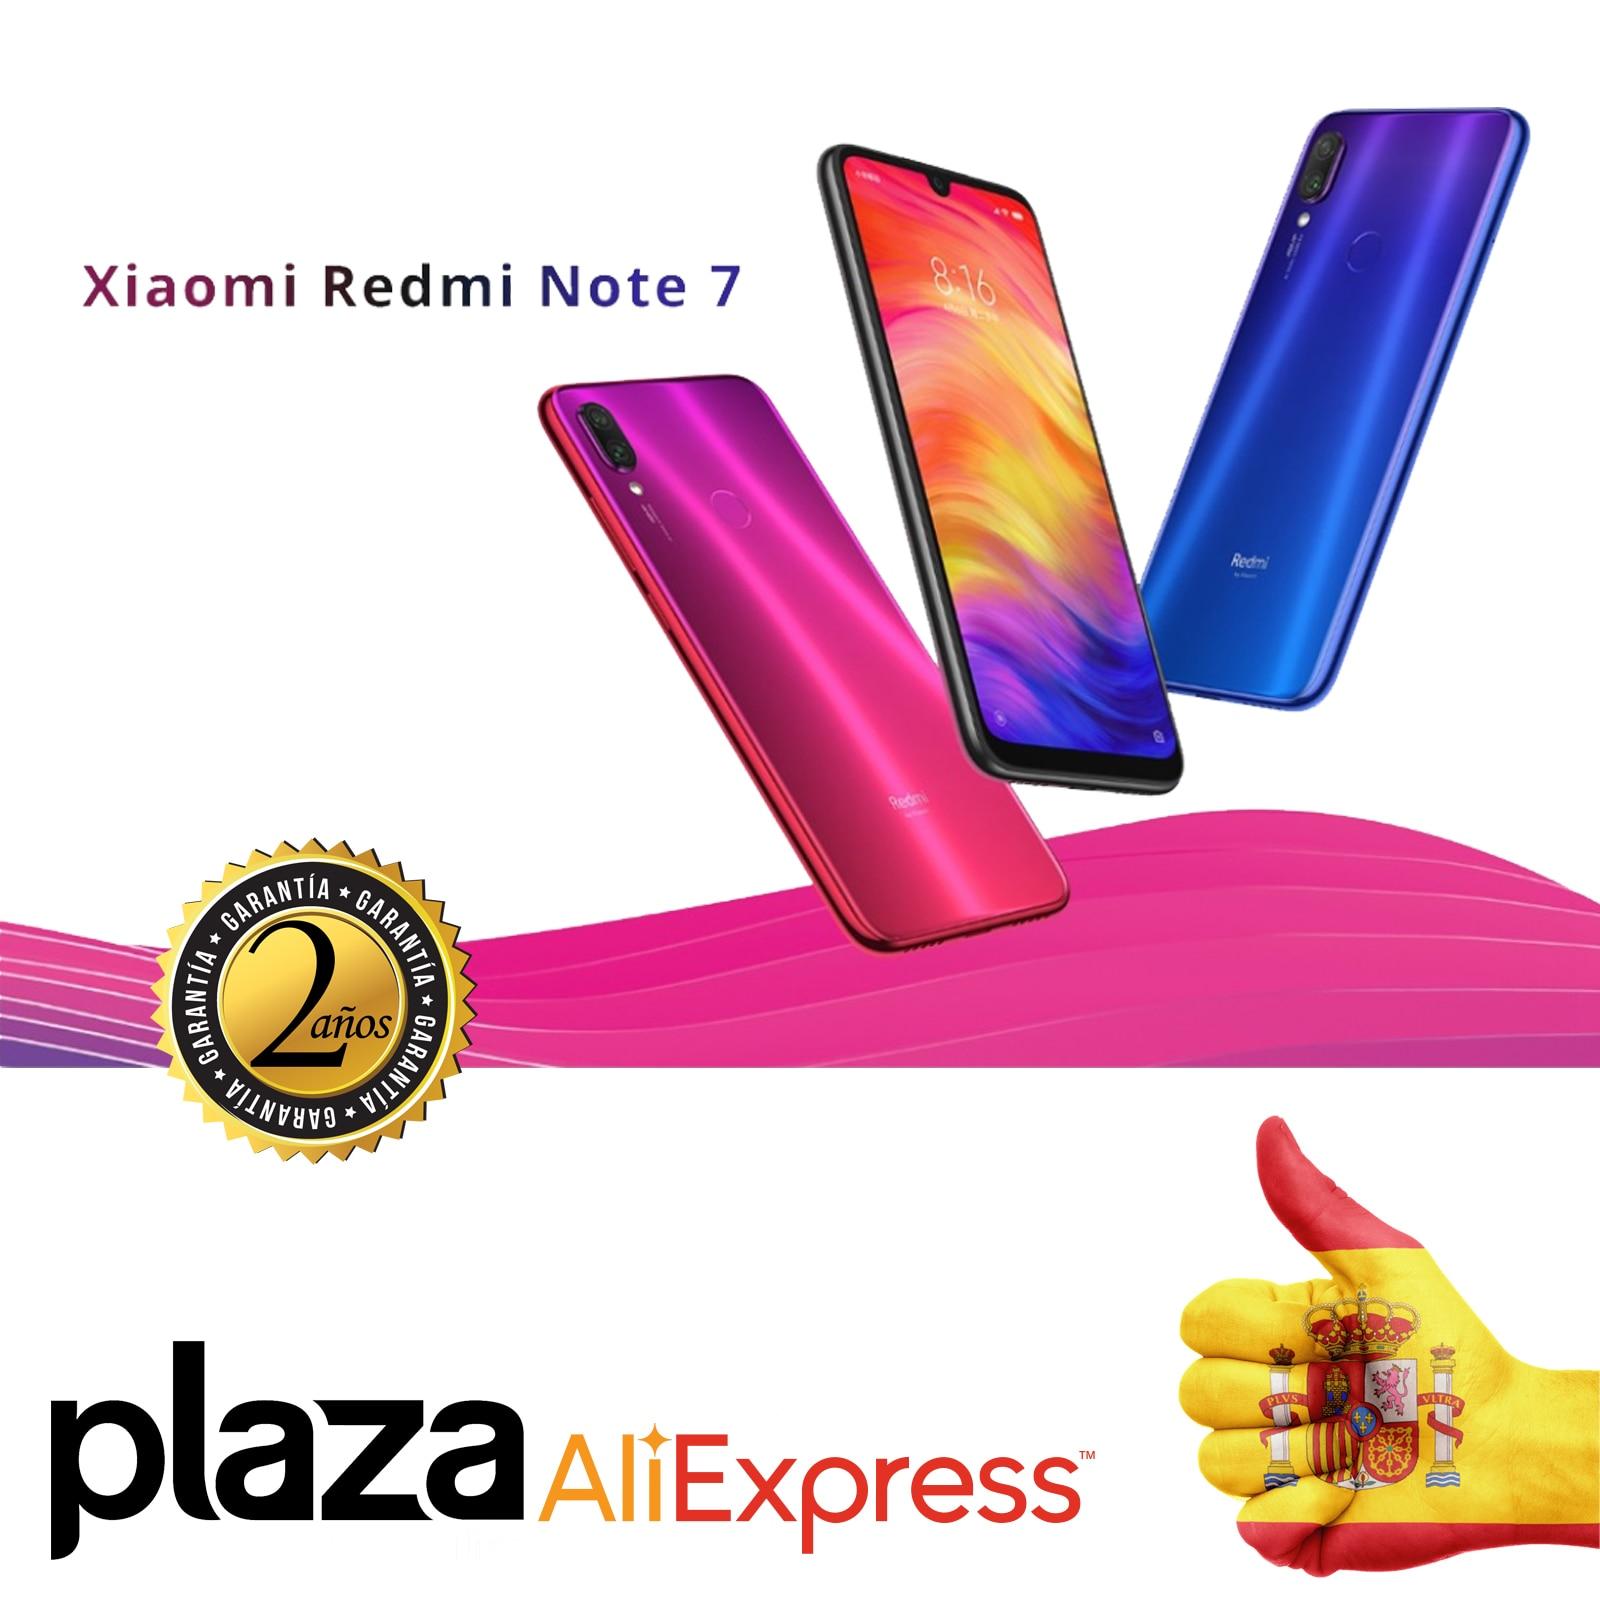 Xiao mi Note rouge mi 7 Smartphone (4 go durs, 64 go durs ROM, téléphone mobile, gratuit, nouveau, pas cher, batterie 4000 mAh, appareil photo 48MP) [Version globale]